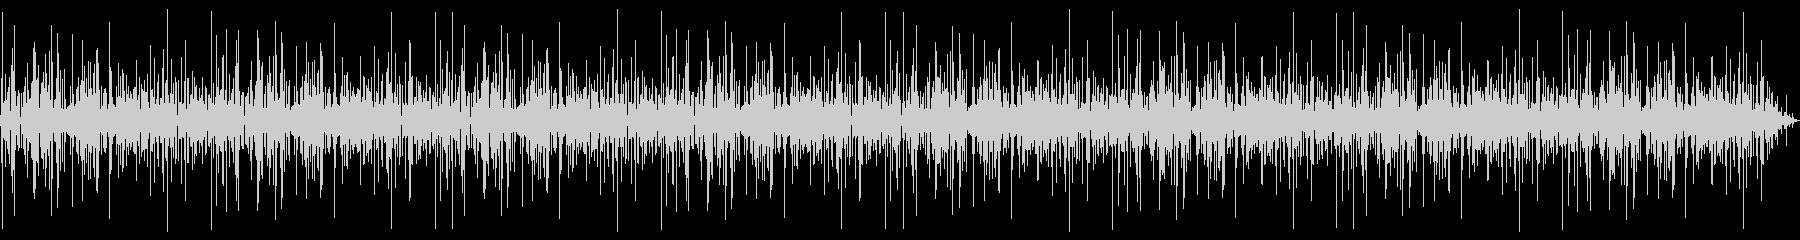 焚き火の音(10分)の未再生の波形